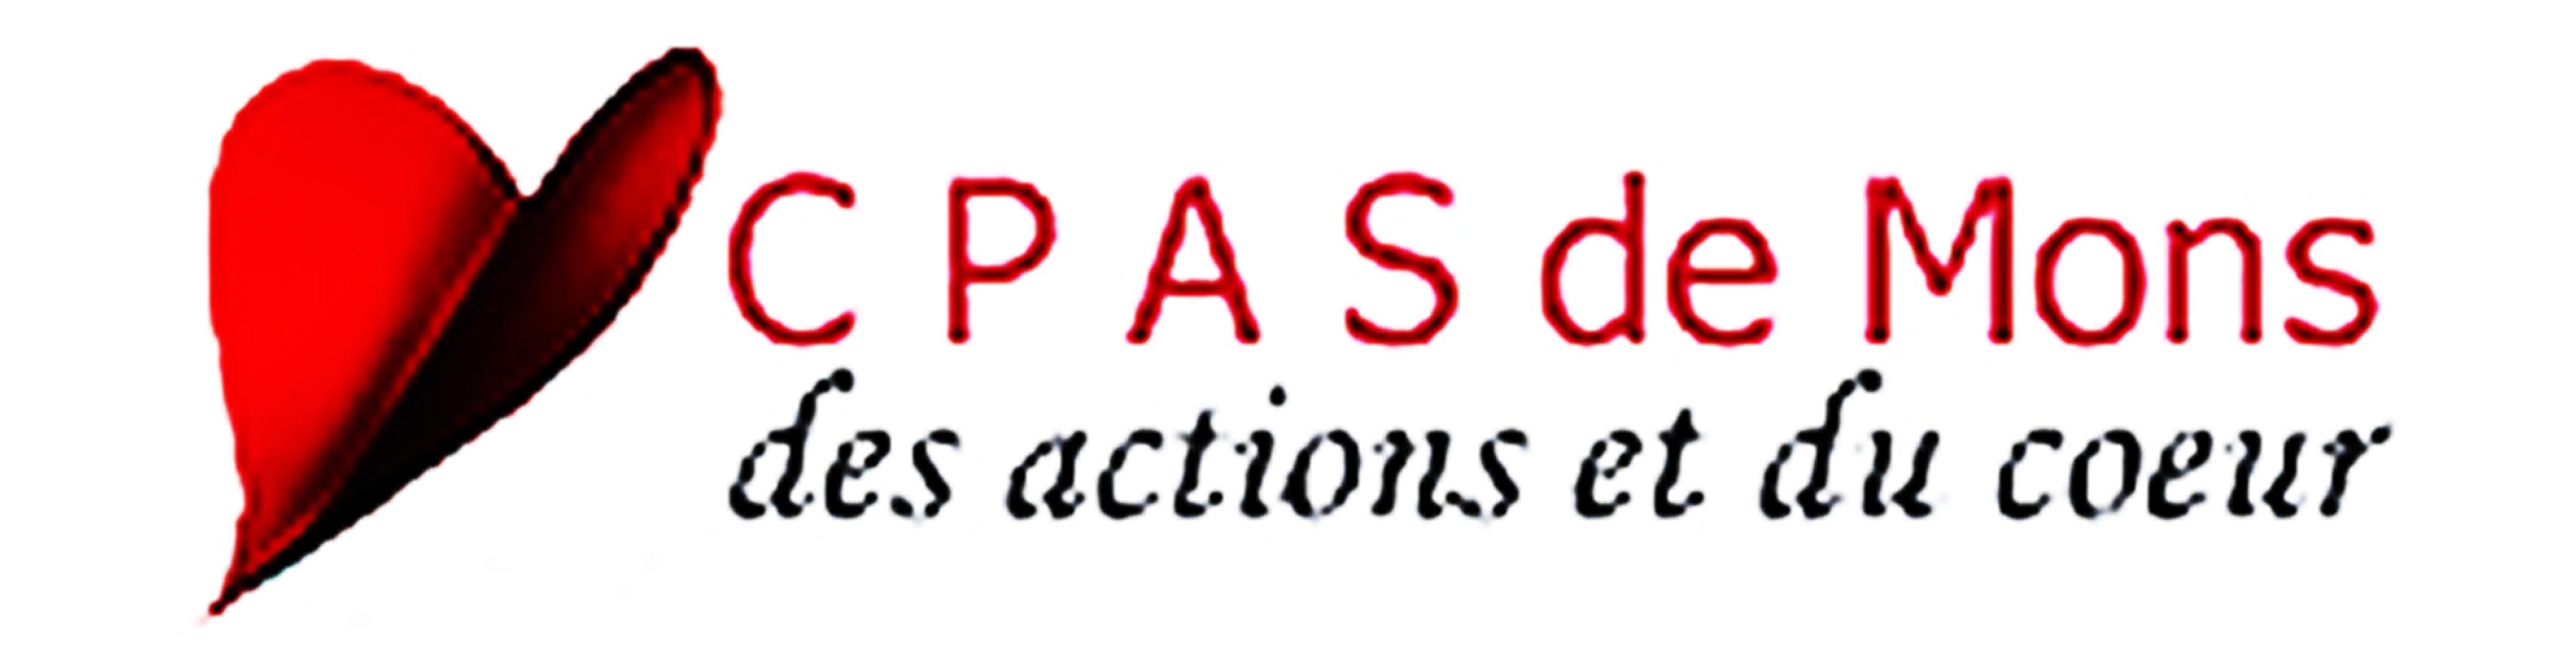 CPAS de Mons